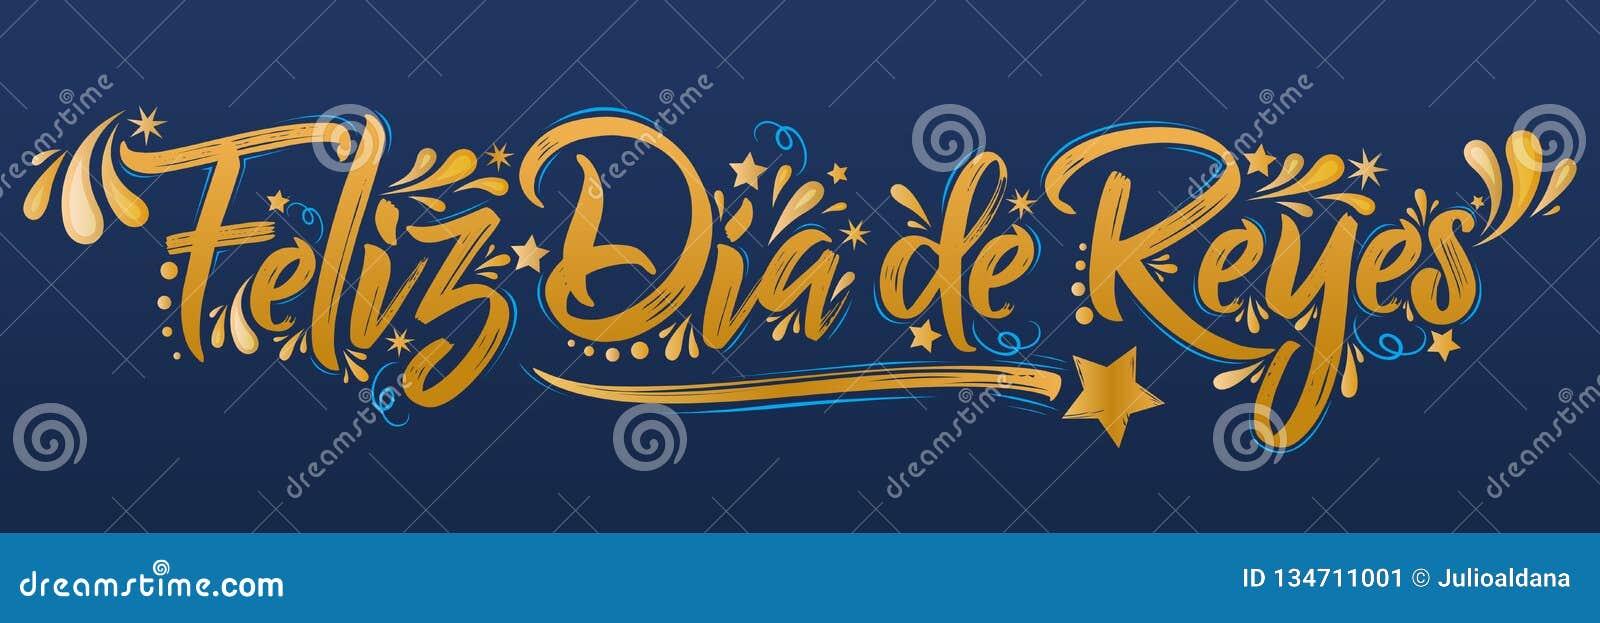 Feliz Dia de Reyes, día feliz de reyes spanish Text, es una celebración latinoamericana tradicional